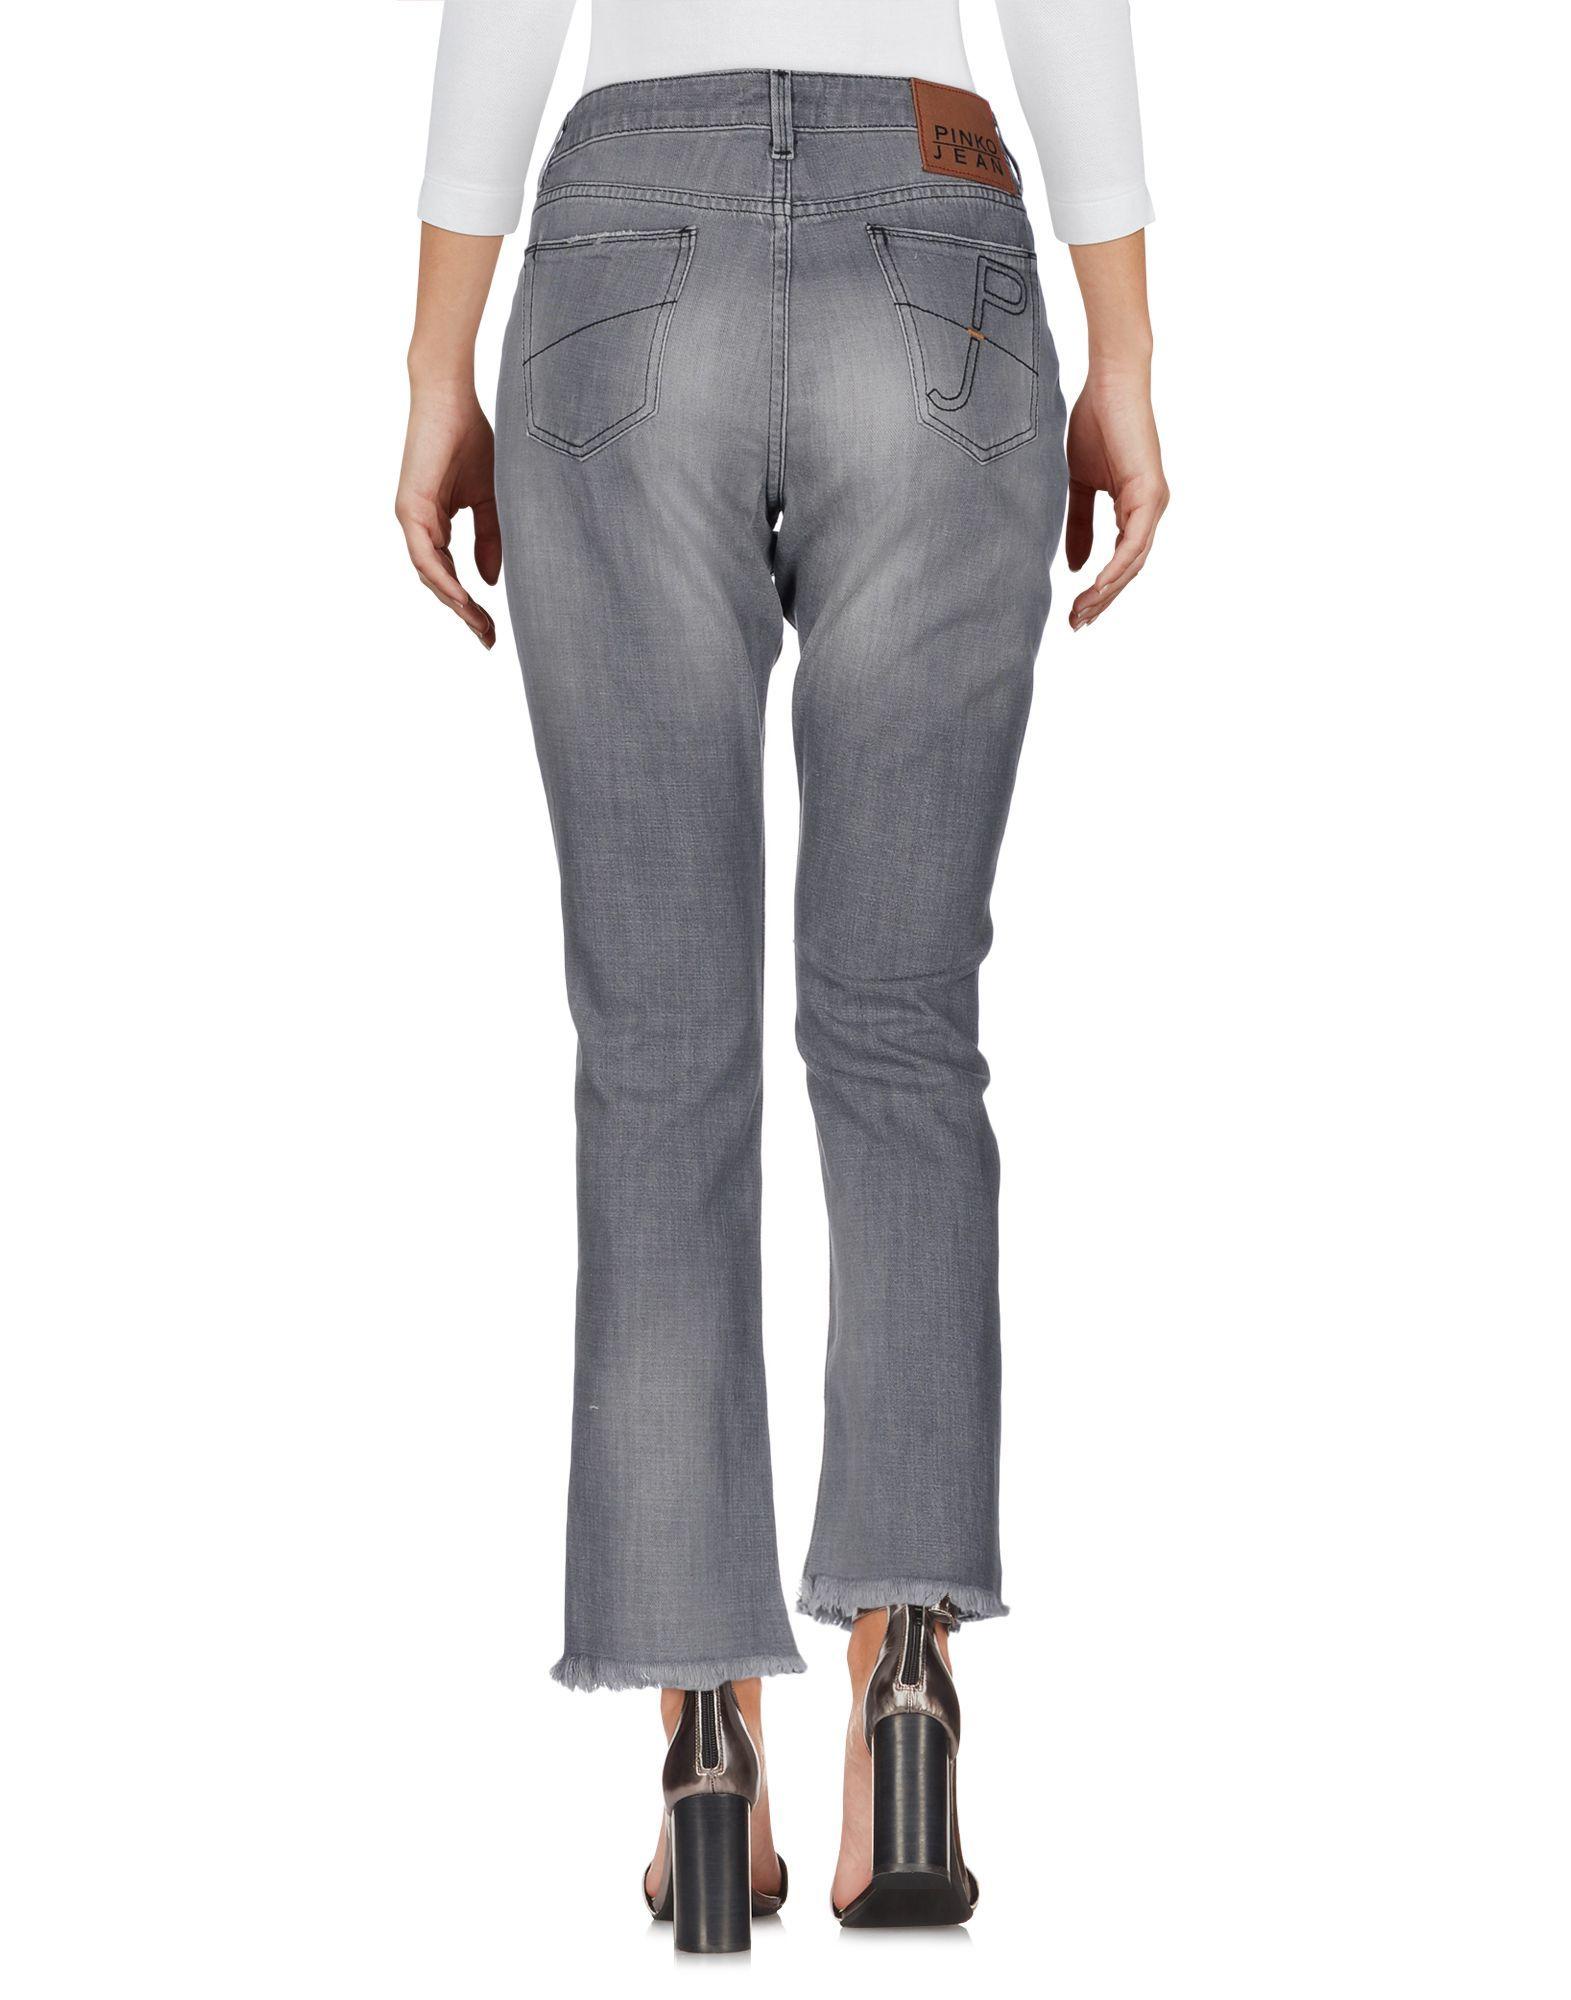 Pinko Grey Cotton Jeans